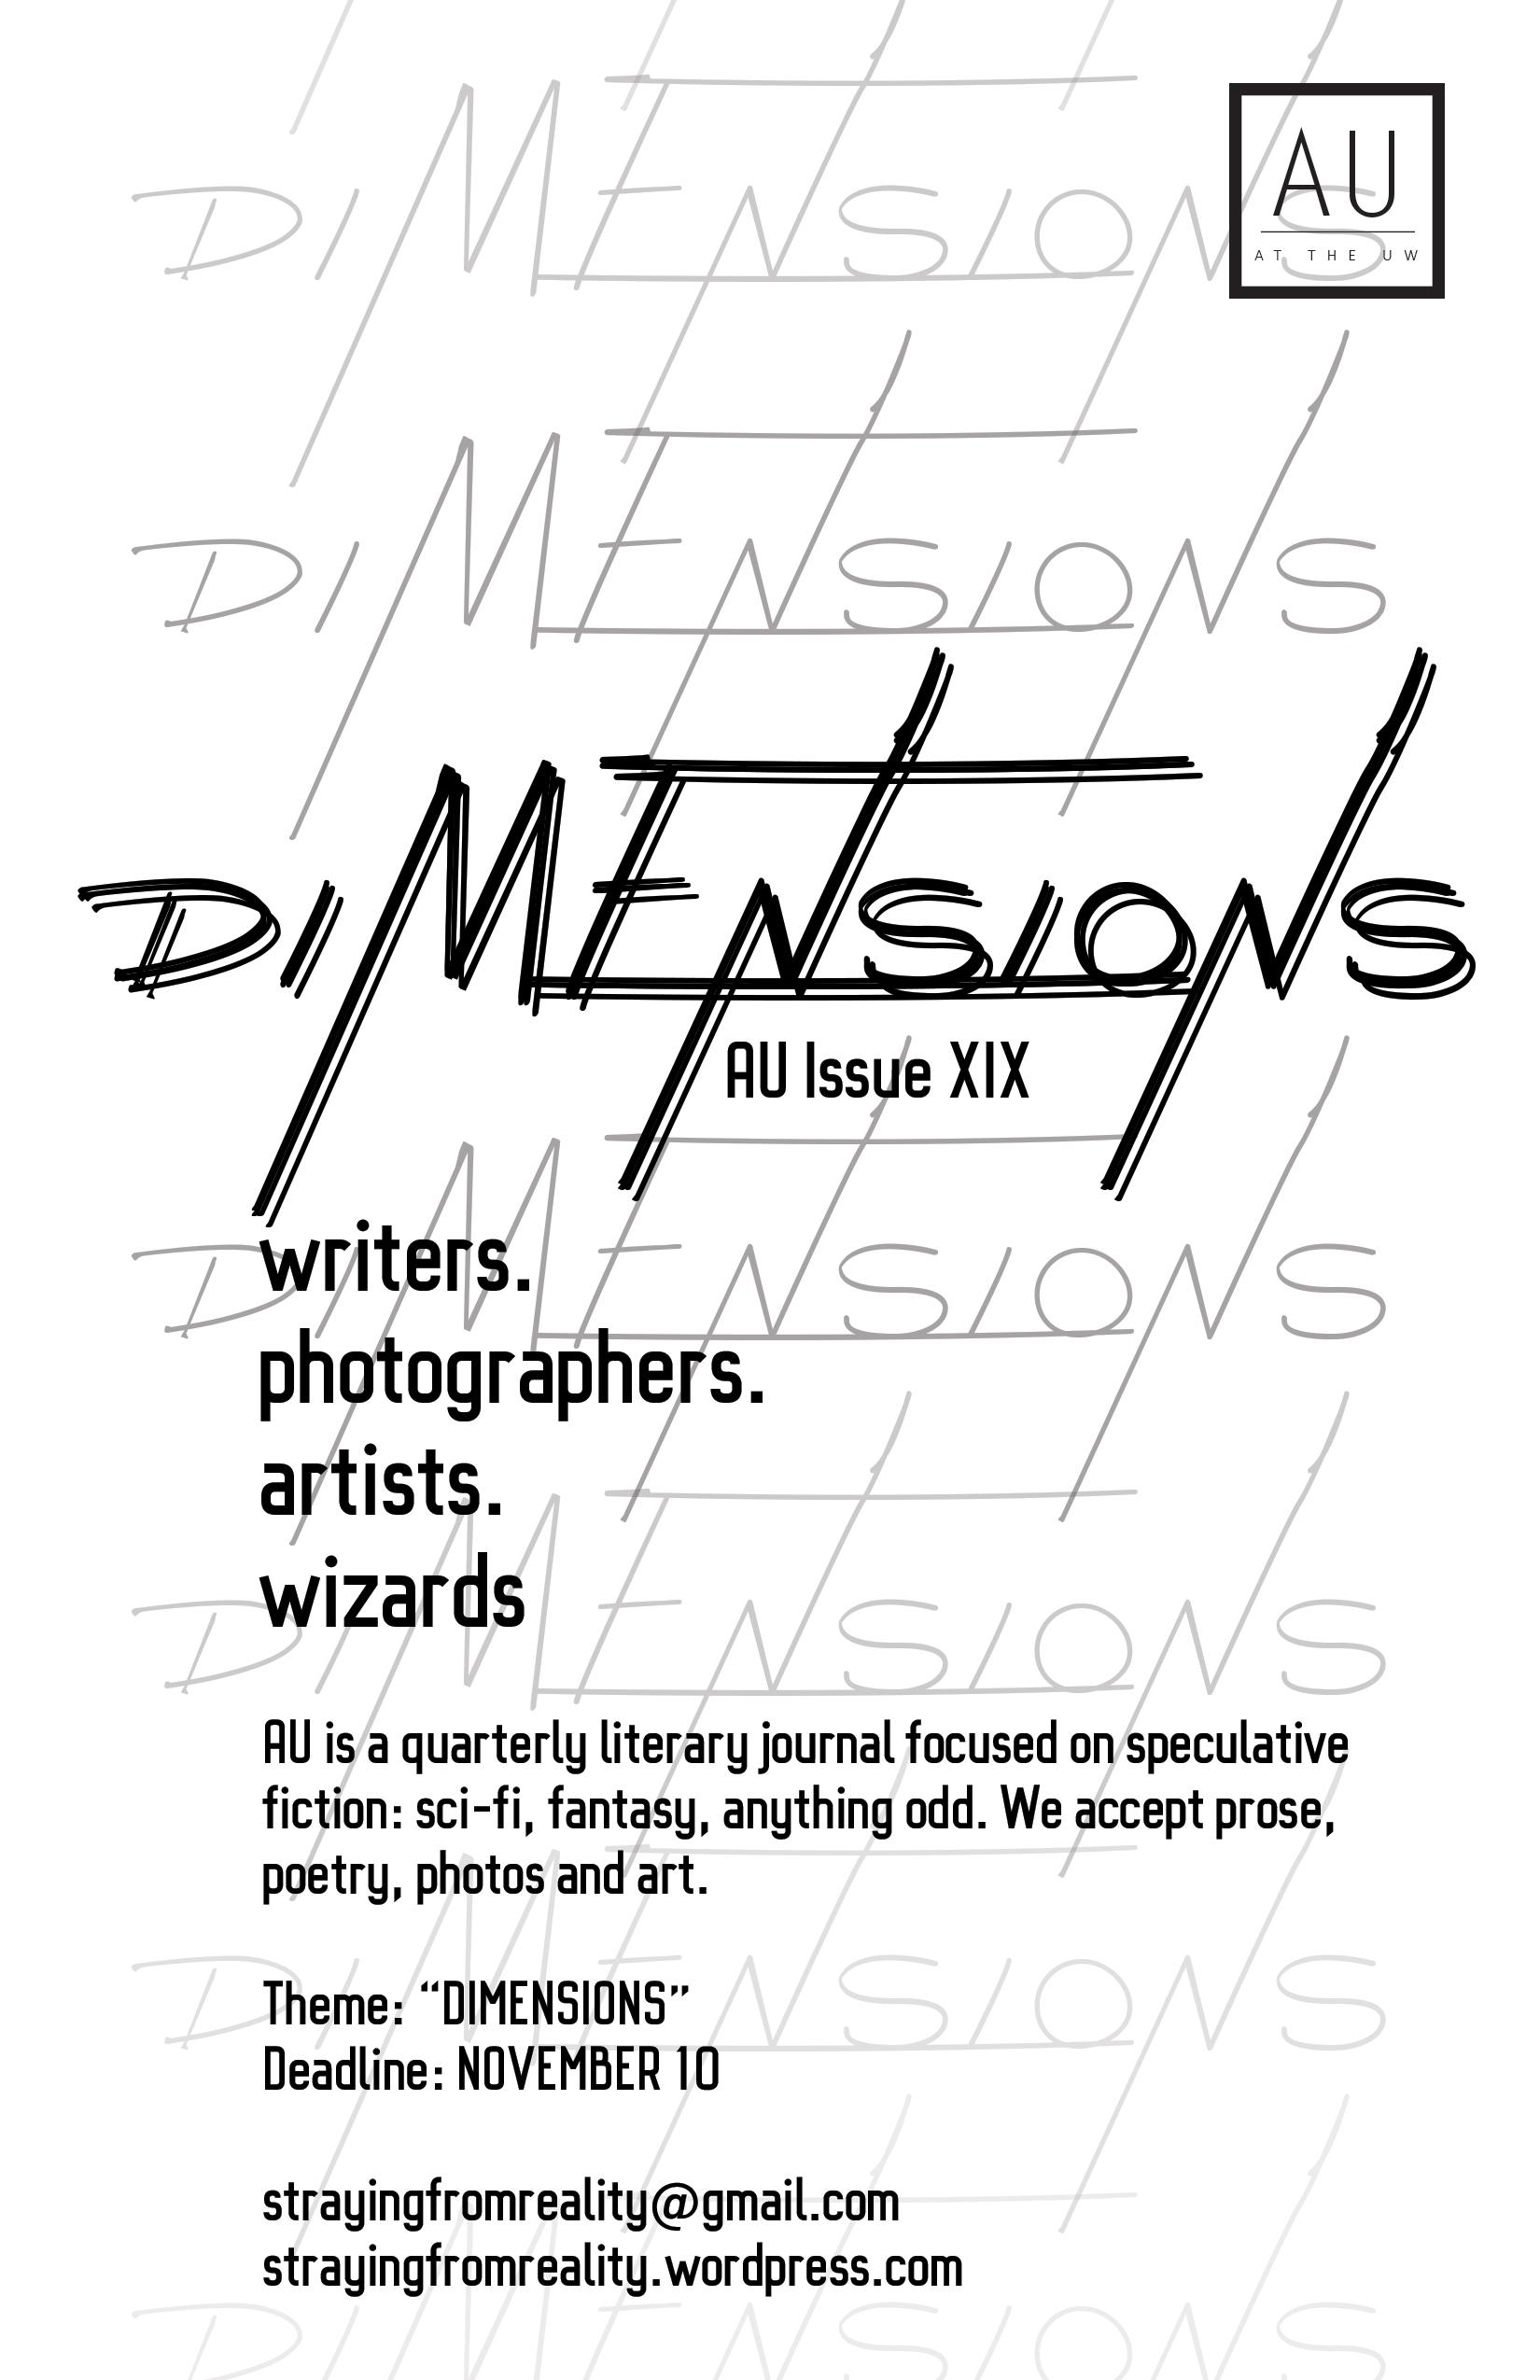 XIX: Dimensions